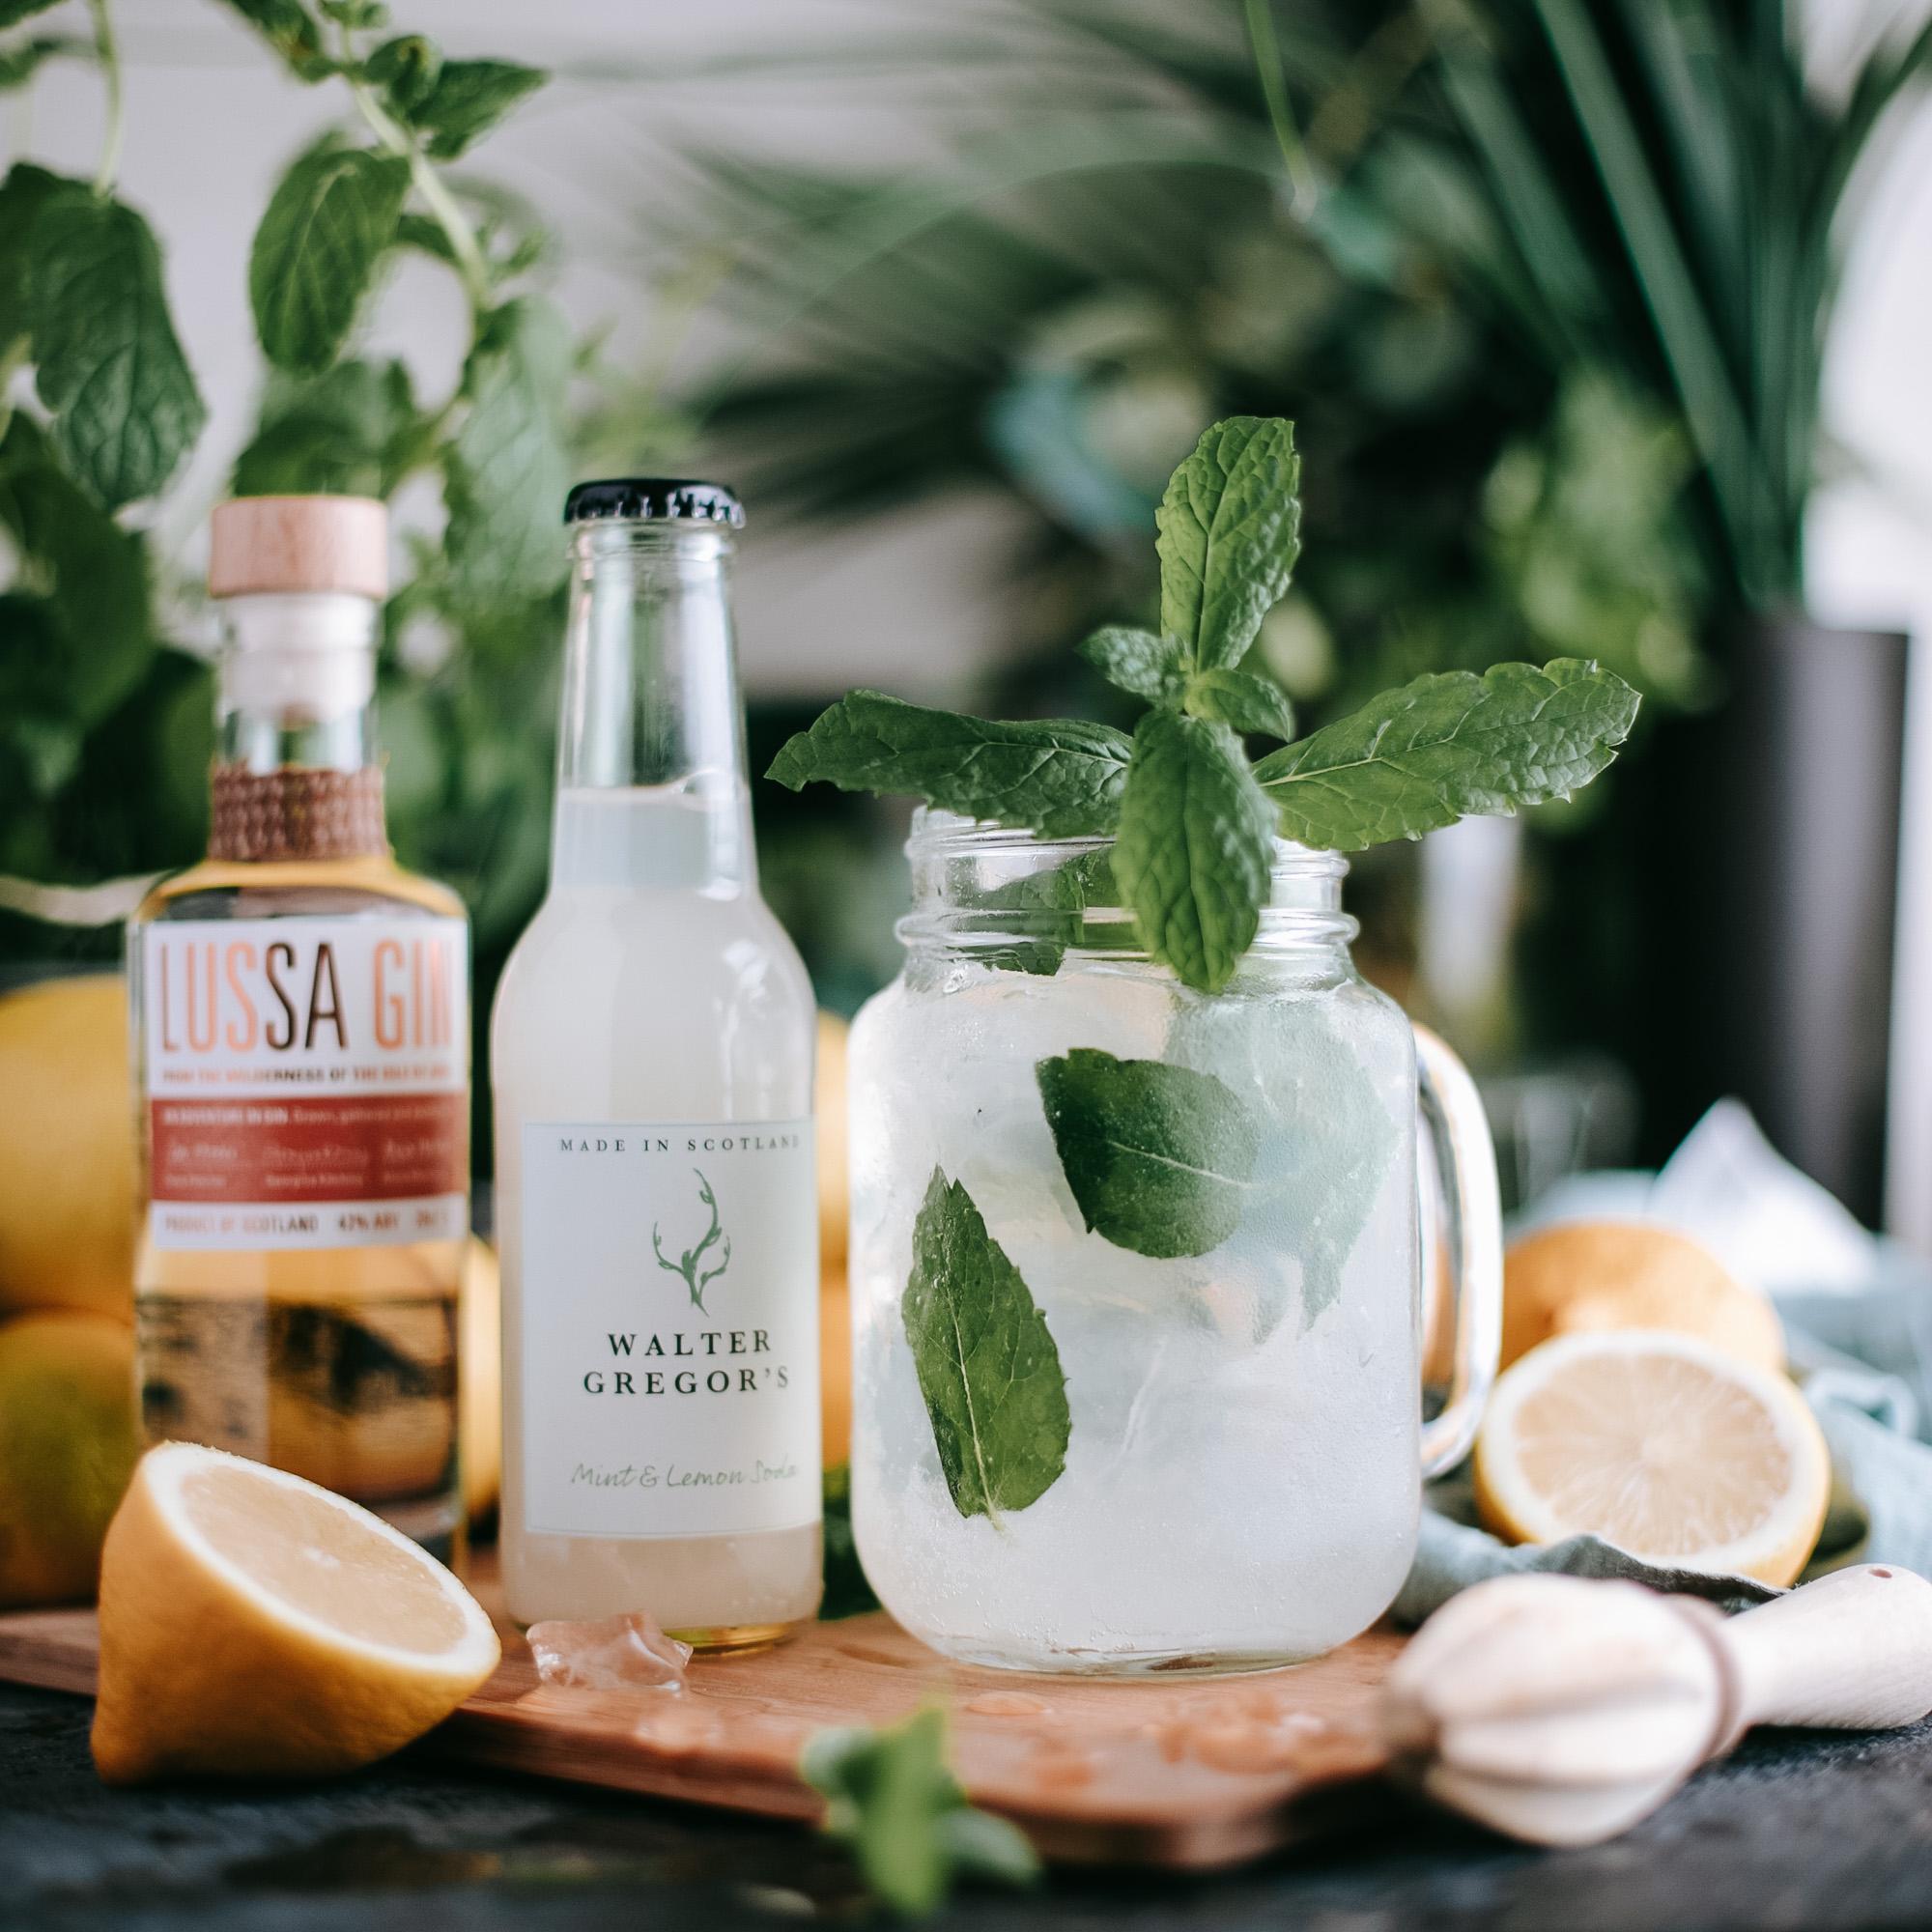 Mint Lemon Soda Lussa Gin